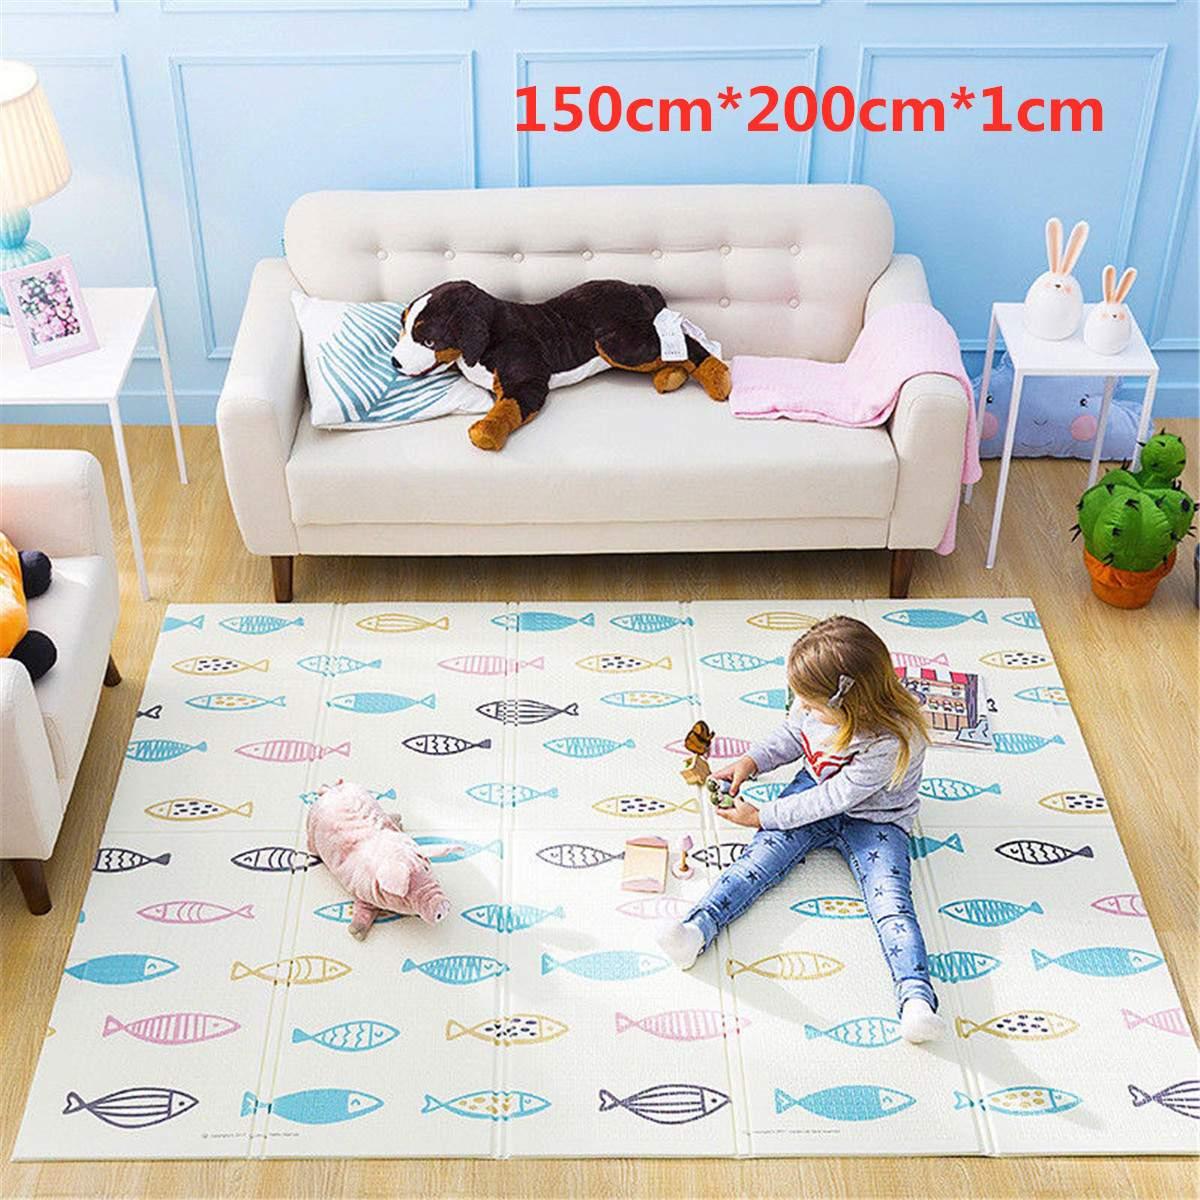 150x200x1 cm Pliable Bébé tapis de jeu Infantile Brillant Bébé tapis de jeu Bébé de Bande Dessinée Enfants Puzzles Tapis Tapis en la Pépinière Jouer